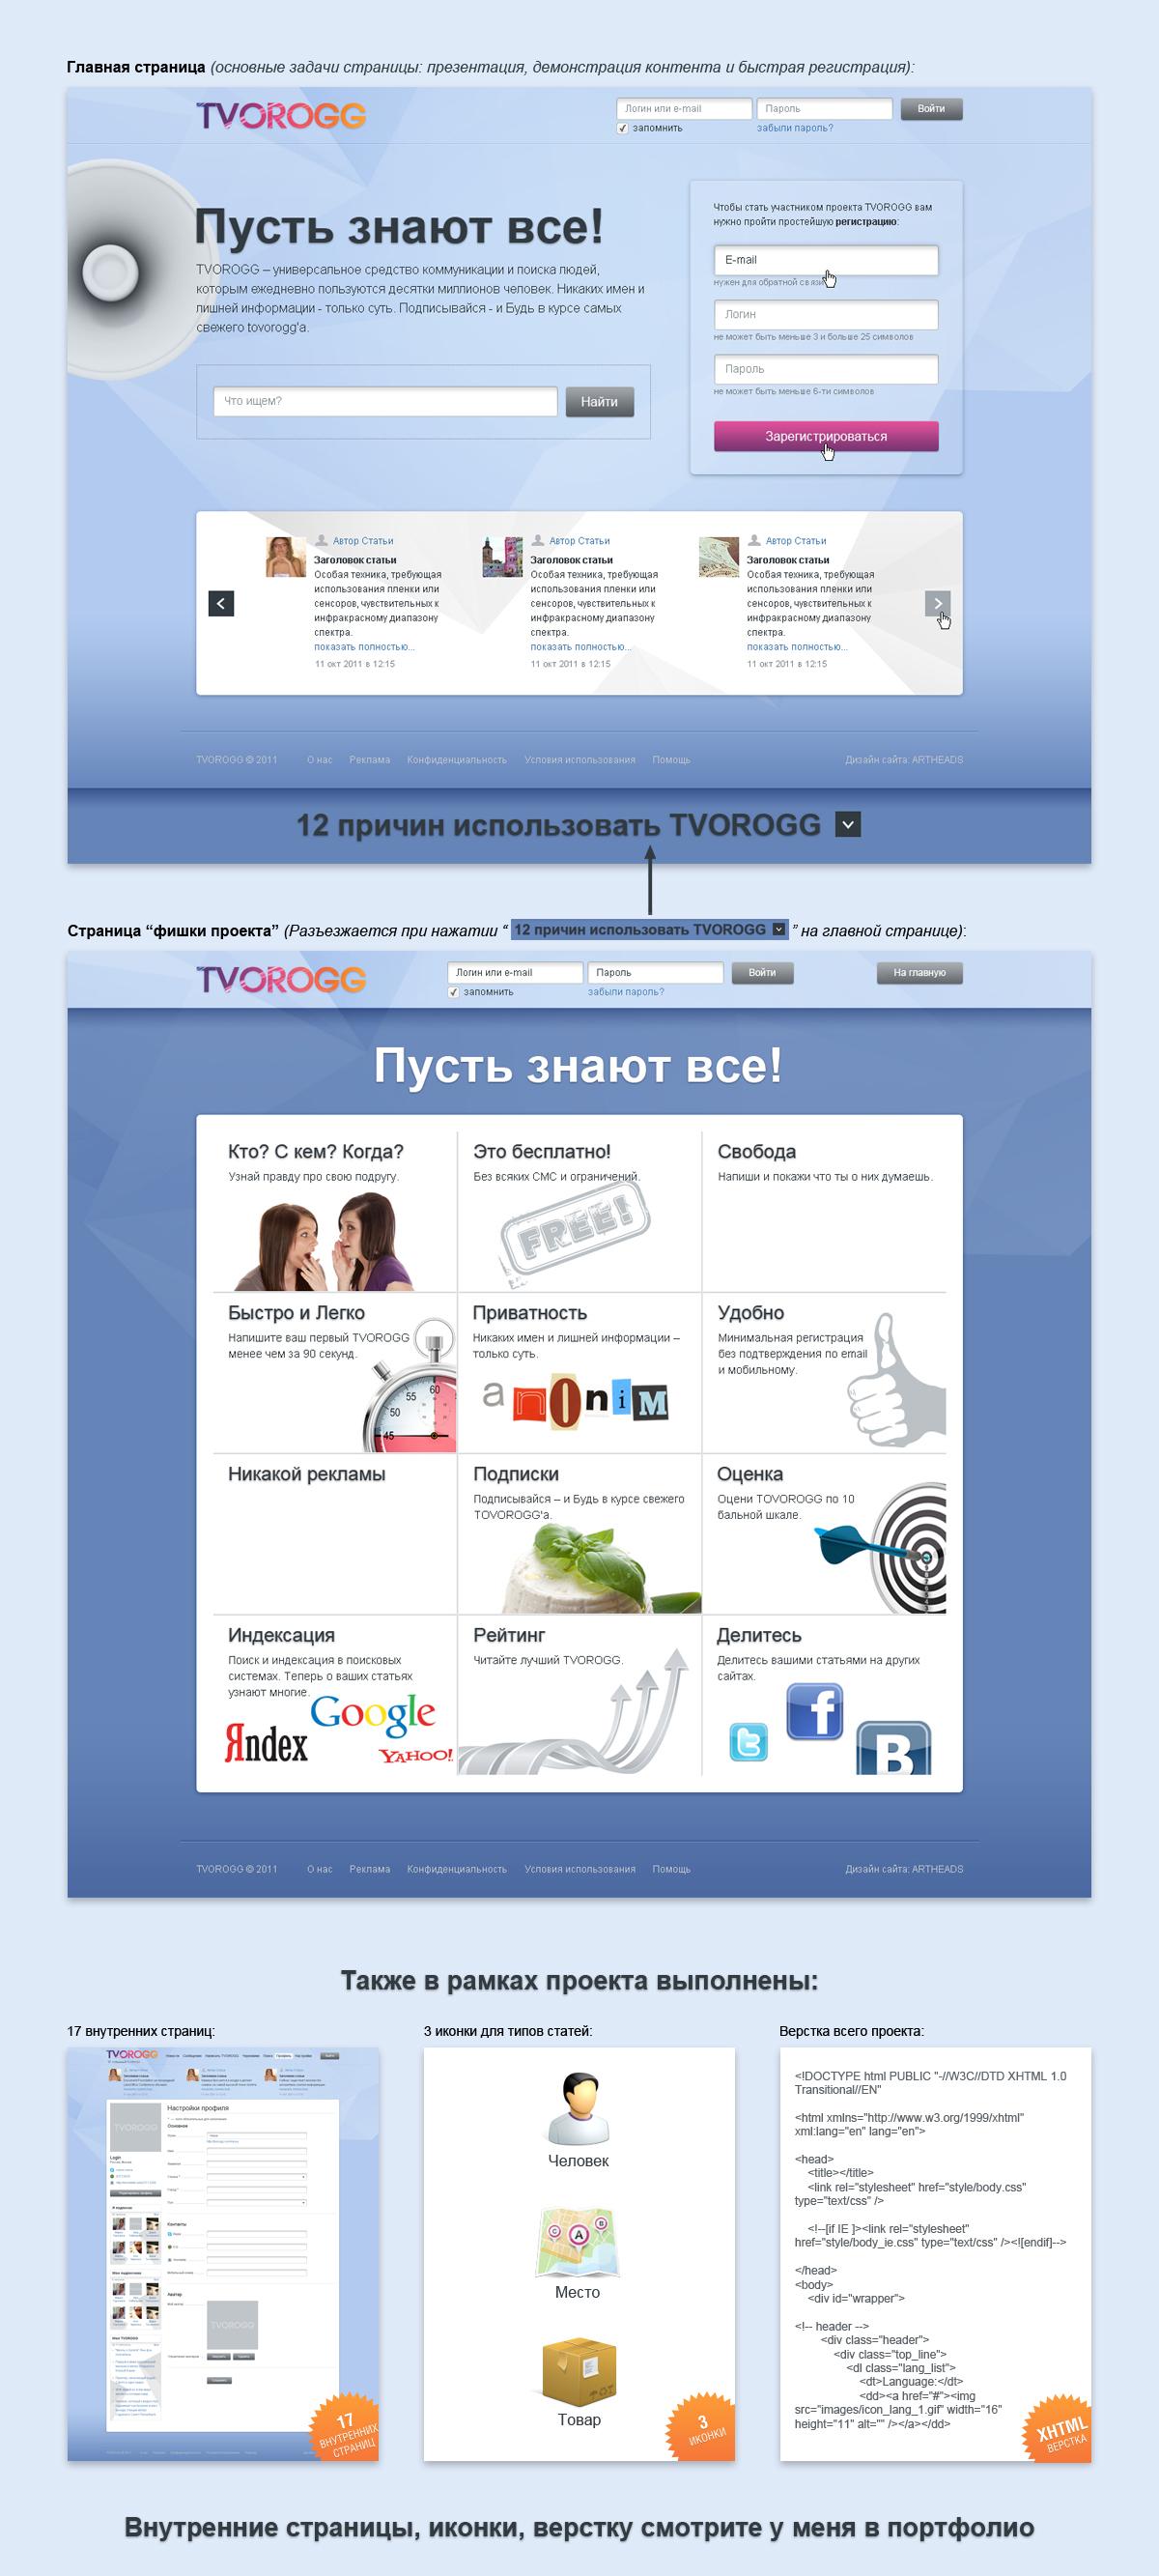 TVOROGG: Cоциальная сеть. Главные страницы (главная + фишки проекта), также xhtml верстка